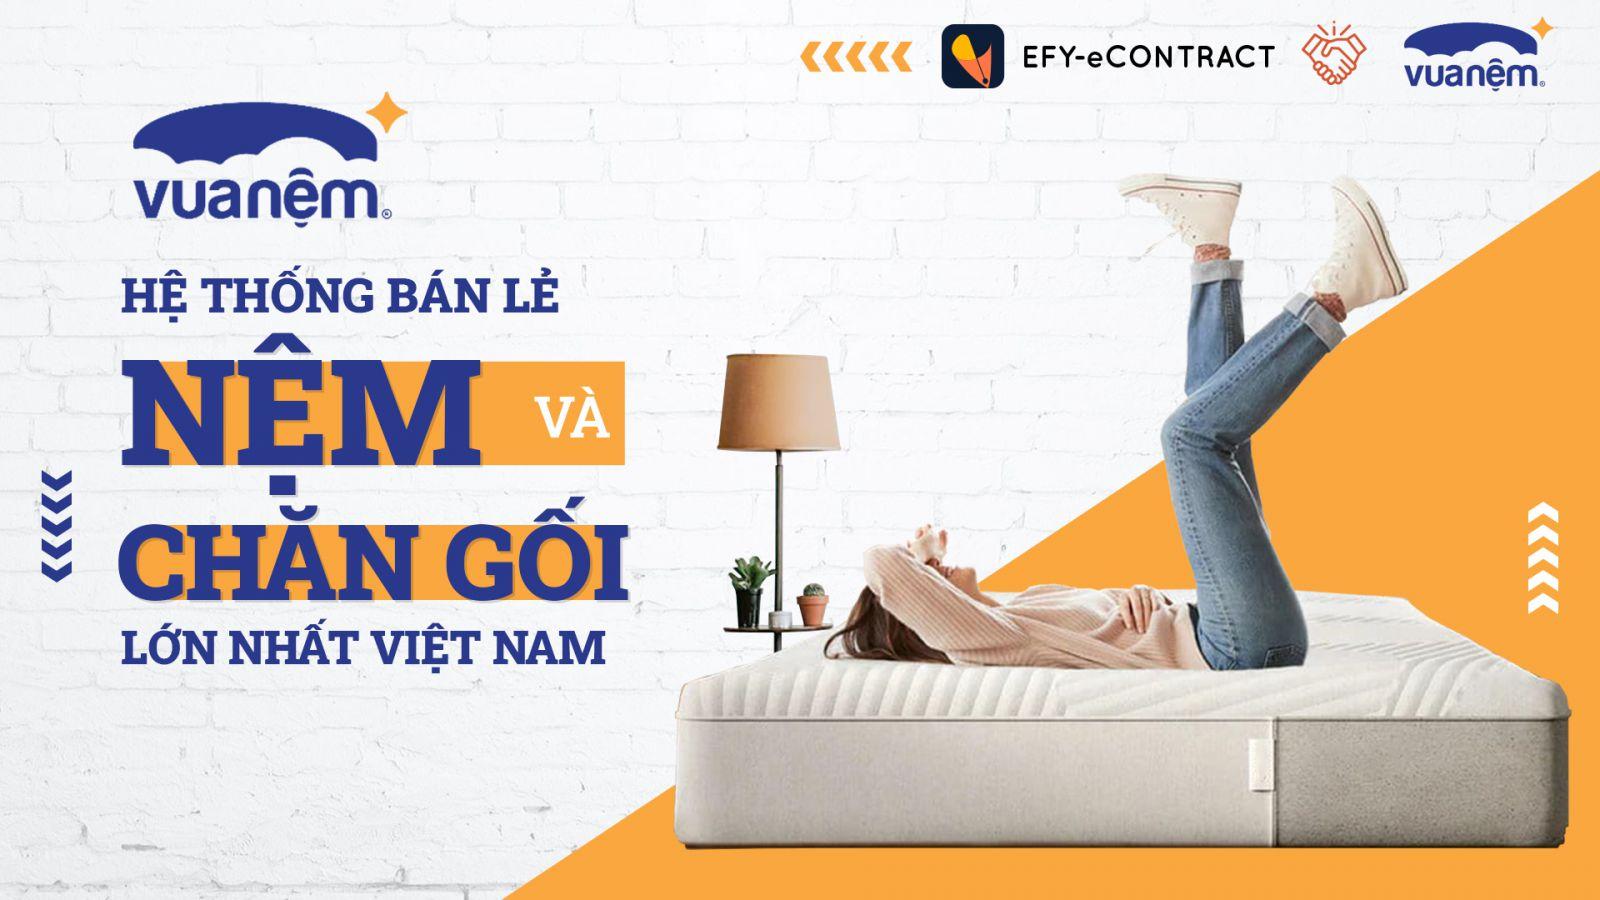 Vua Nệm - hệ thống bán lẻ nệm và chăn gối lớn nhất Việt Nam